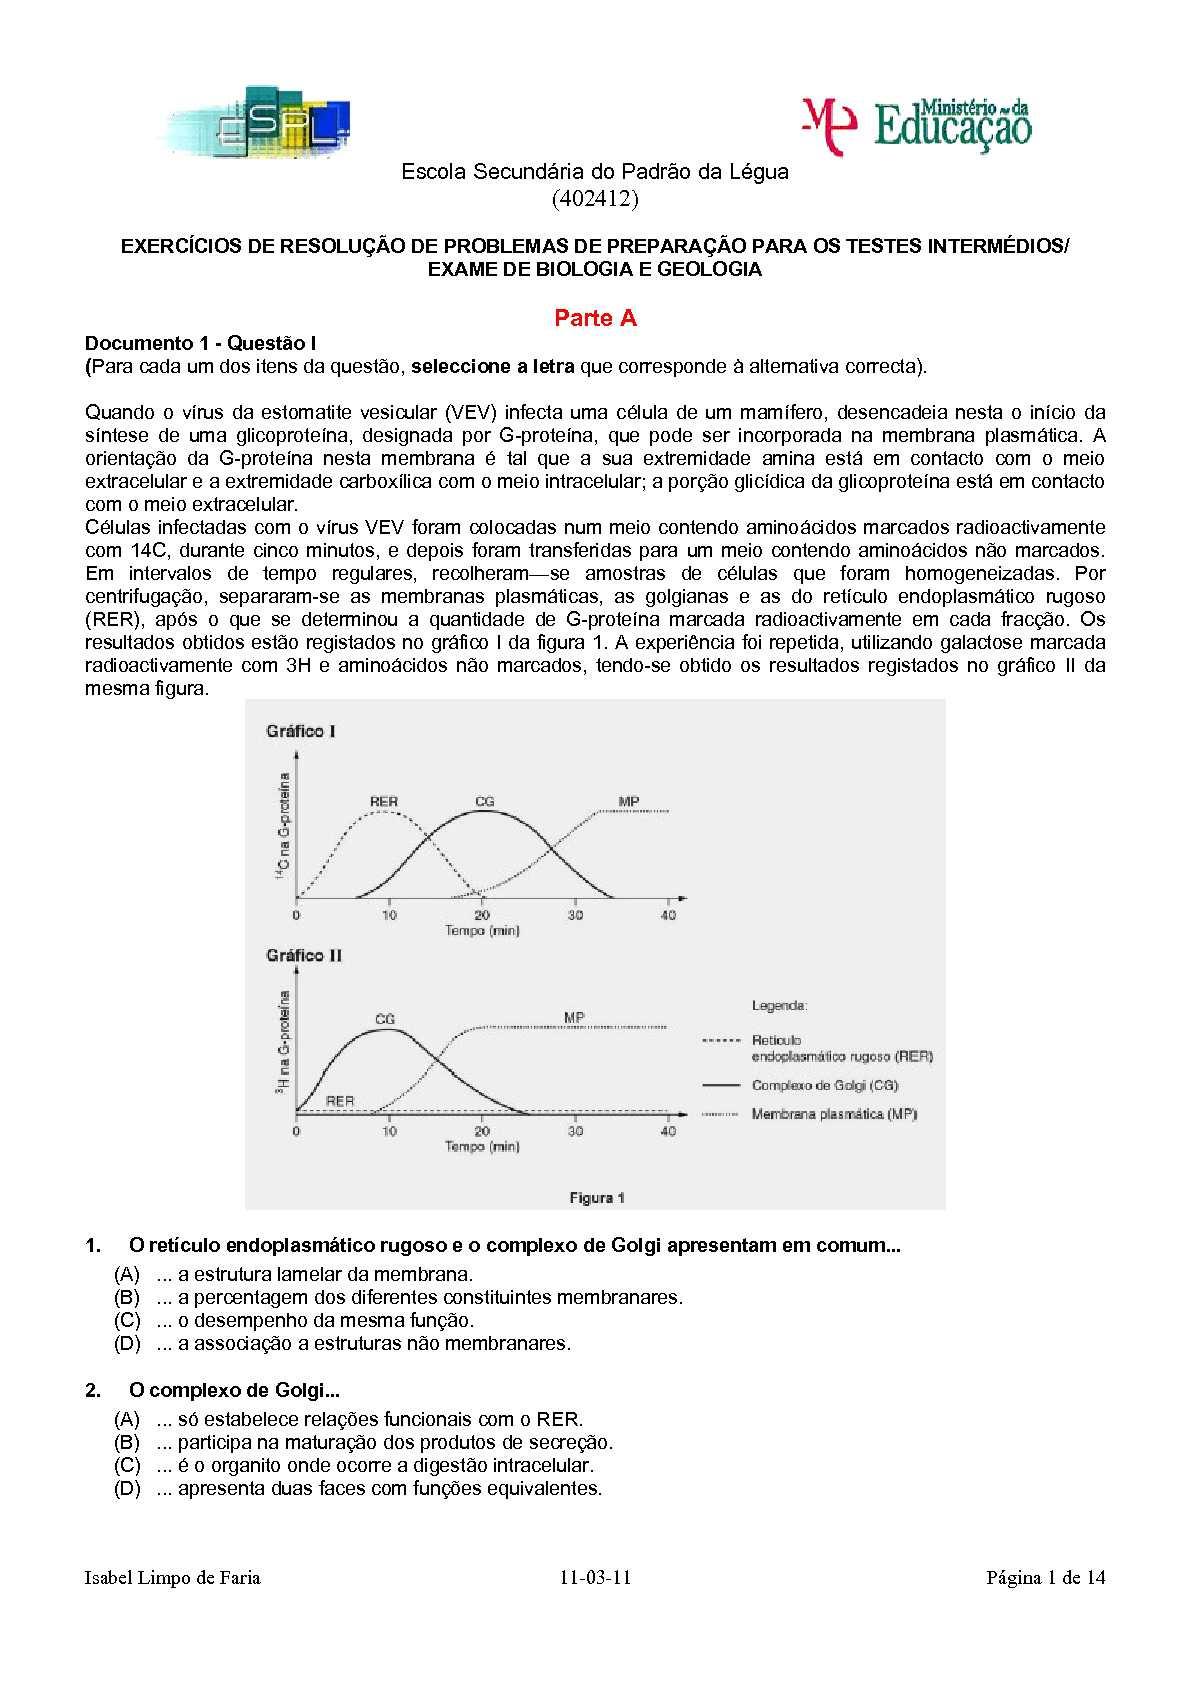 PrepararExames_BioGeo_11